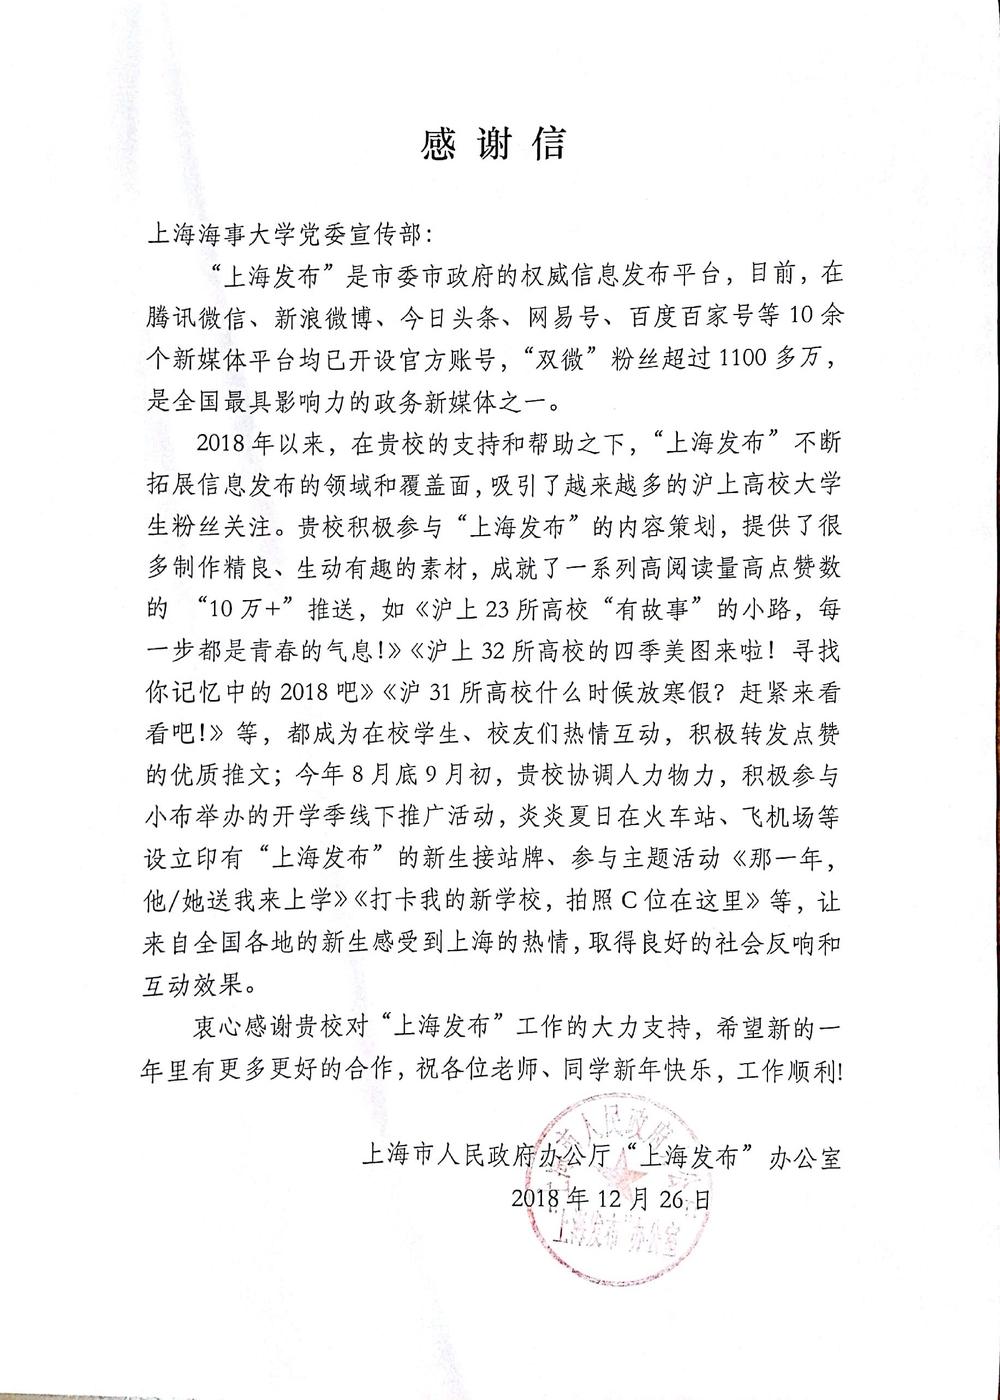 上海发布感谢信